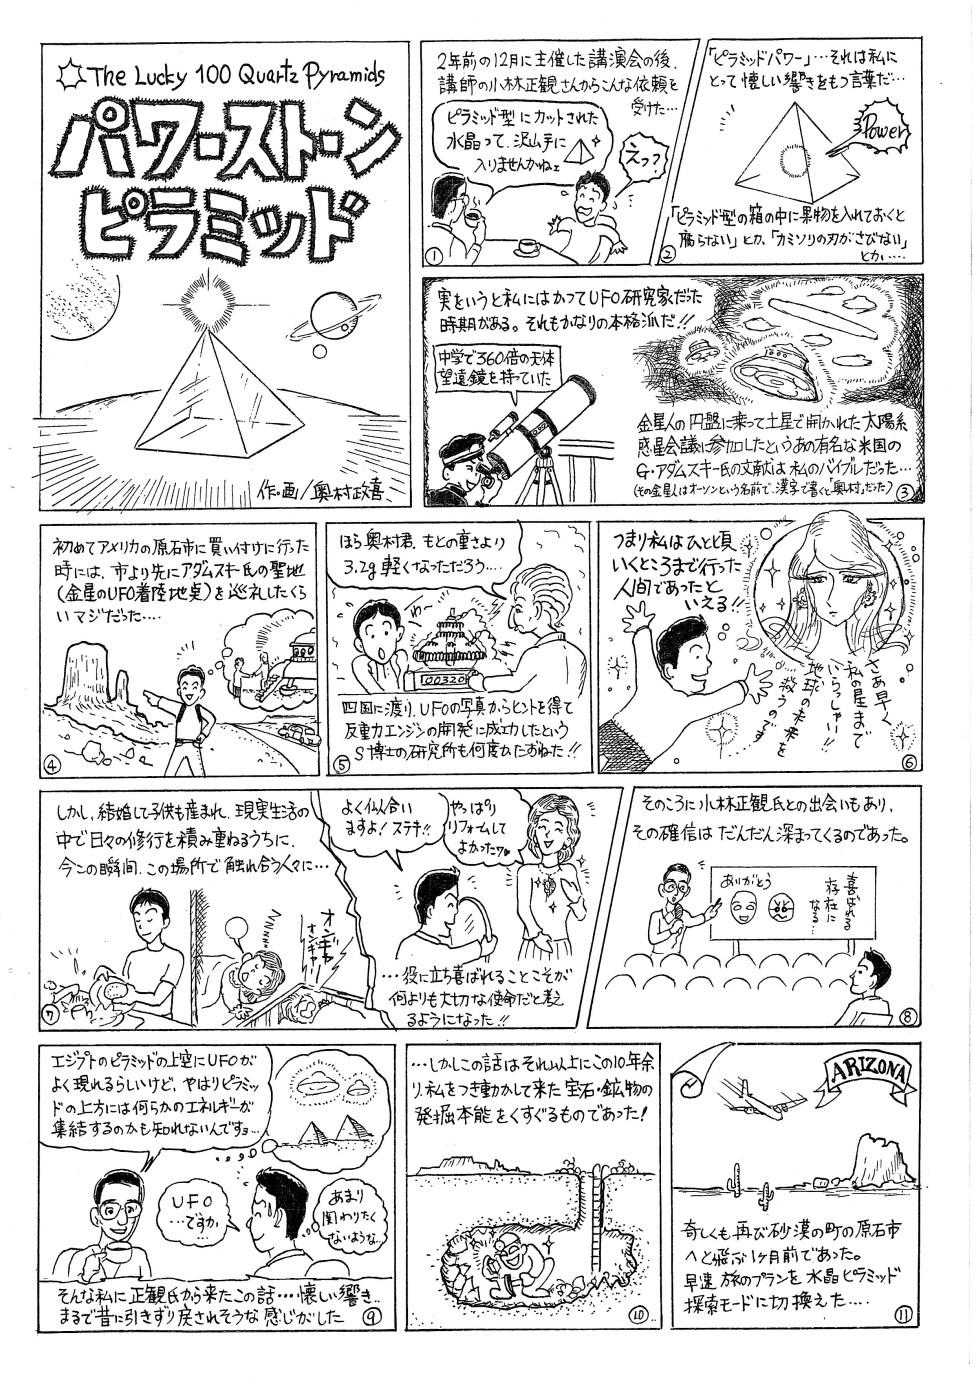 ピラミッドマンガ1|小林正観ピラミッド